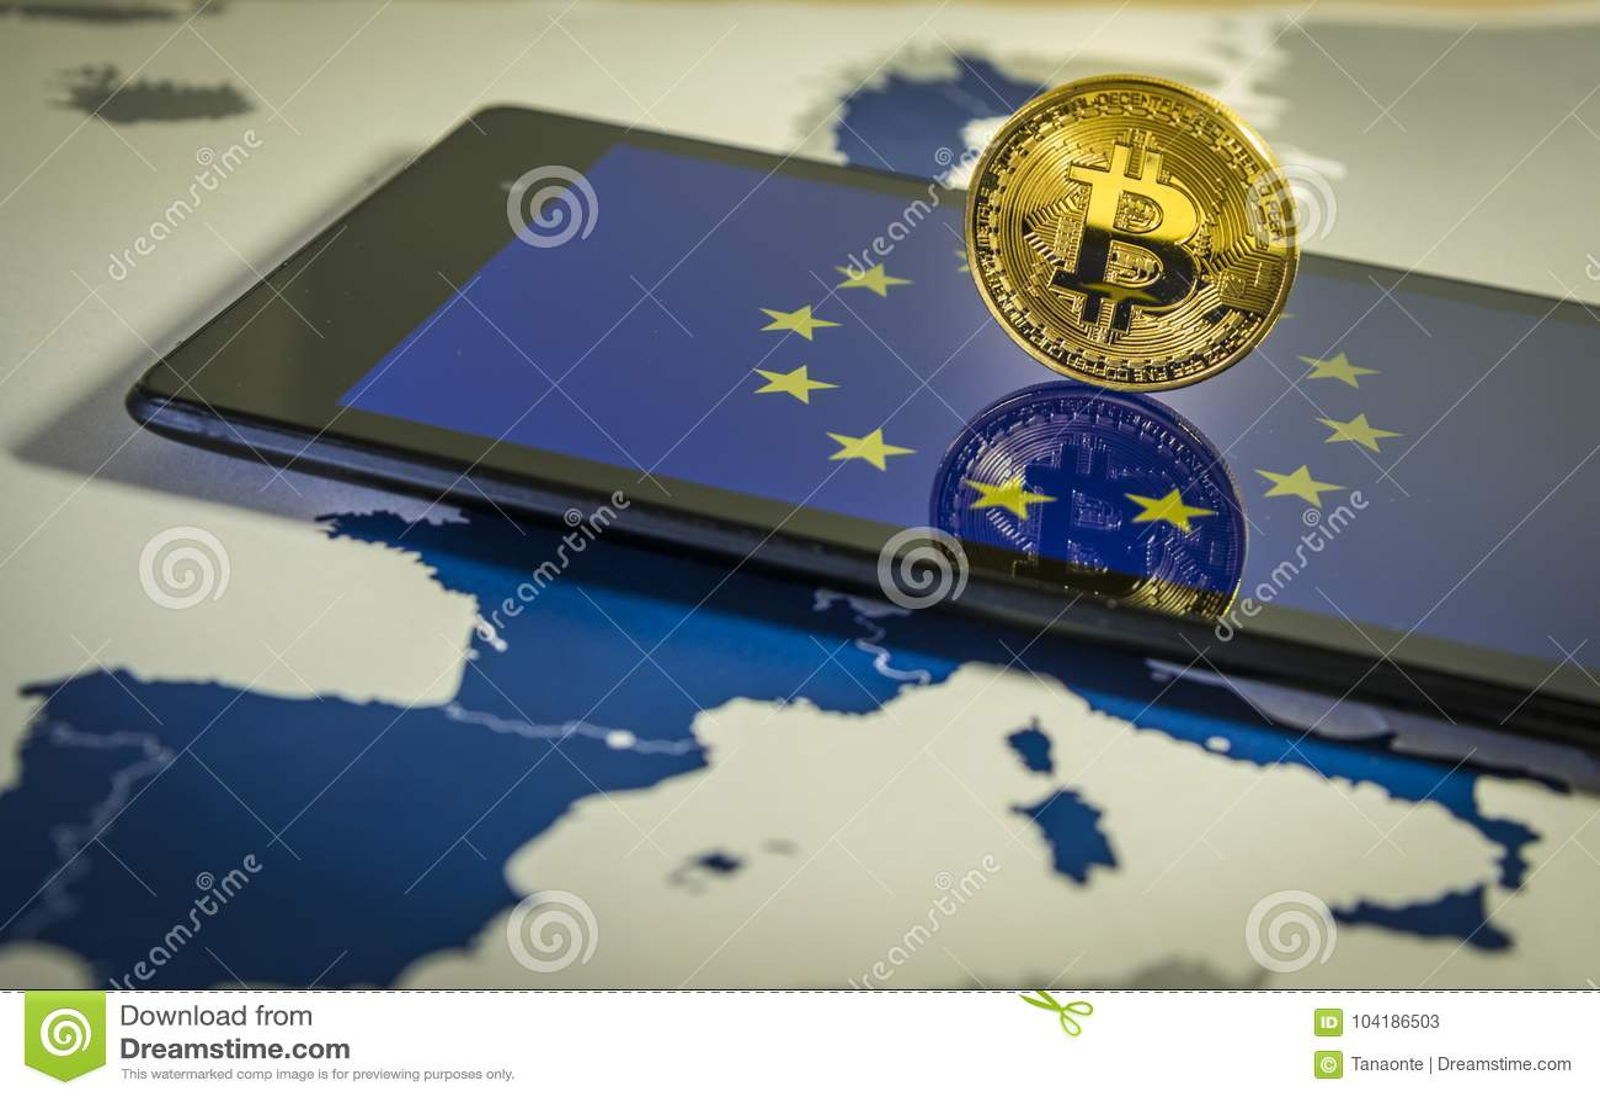 Riscurile monedei digitale bitcoin